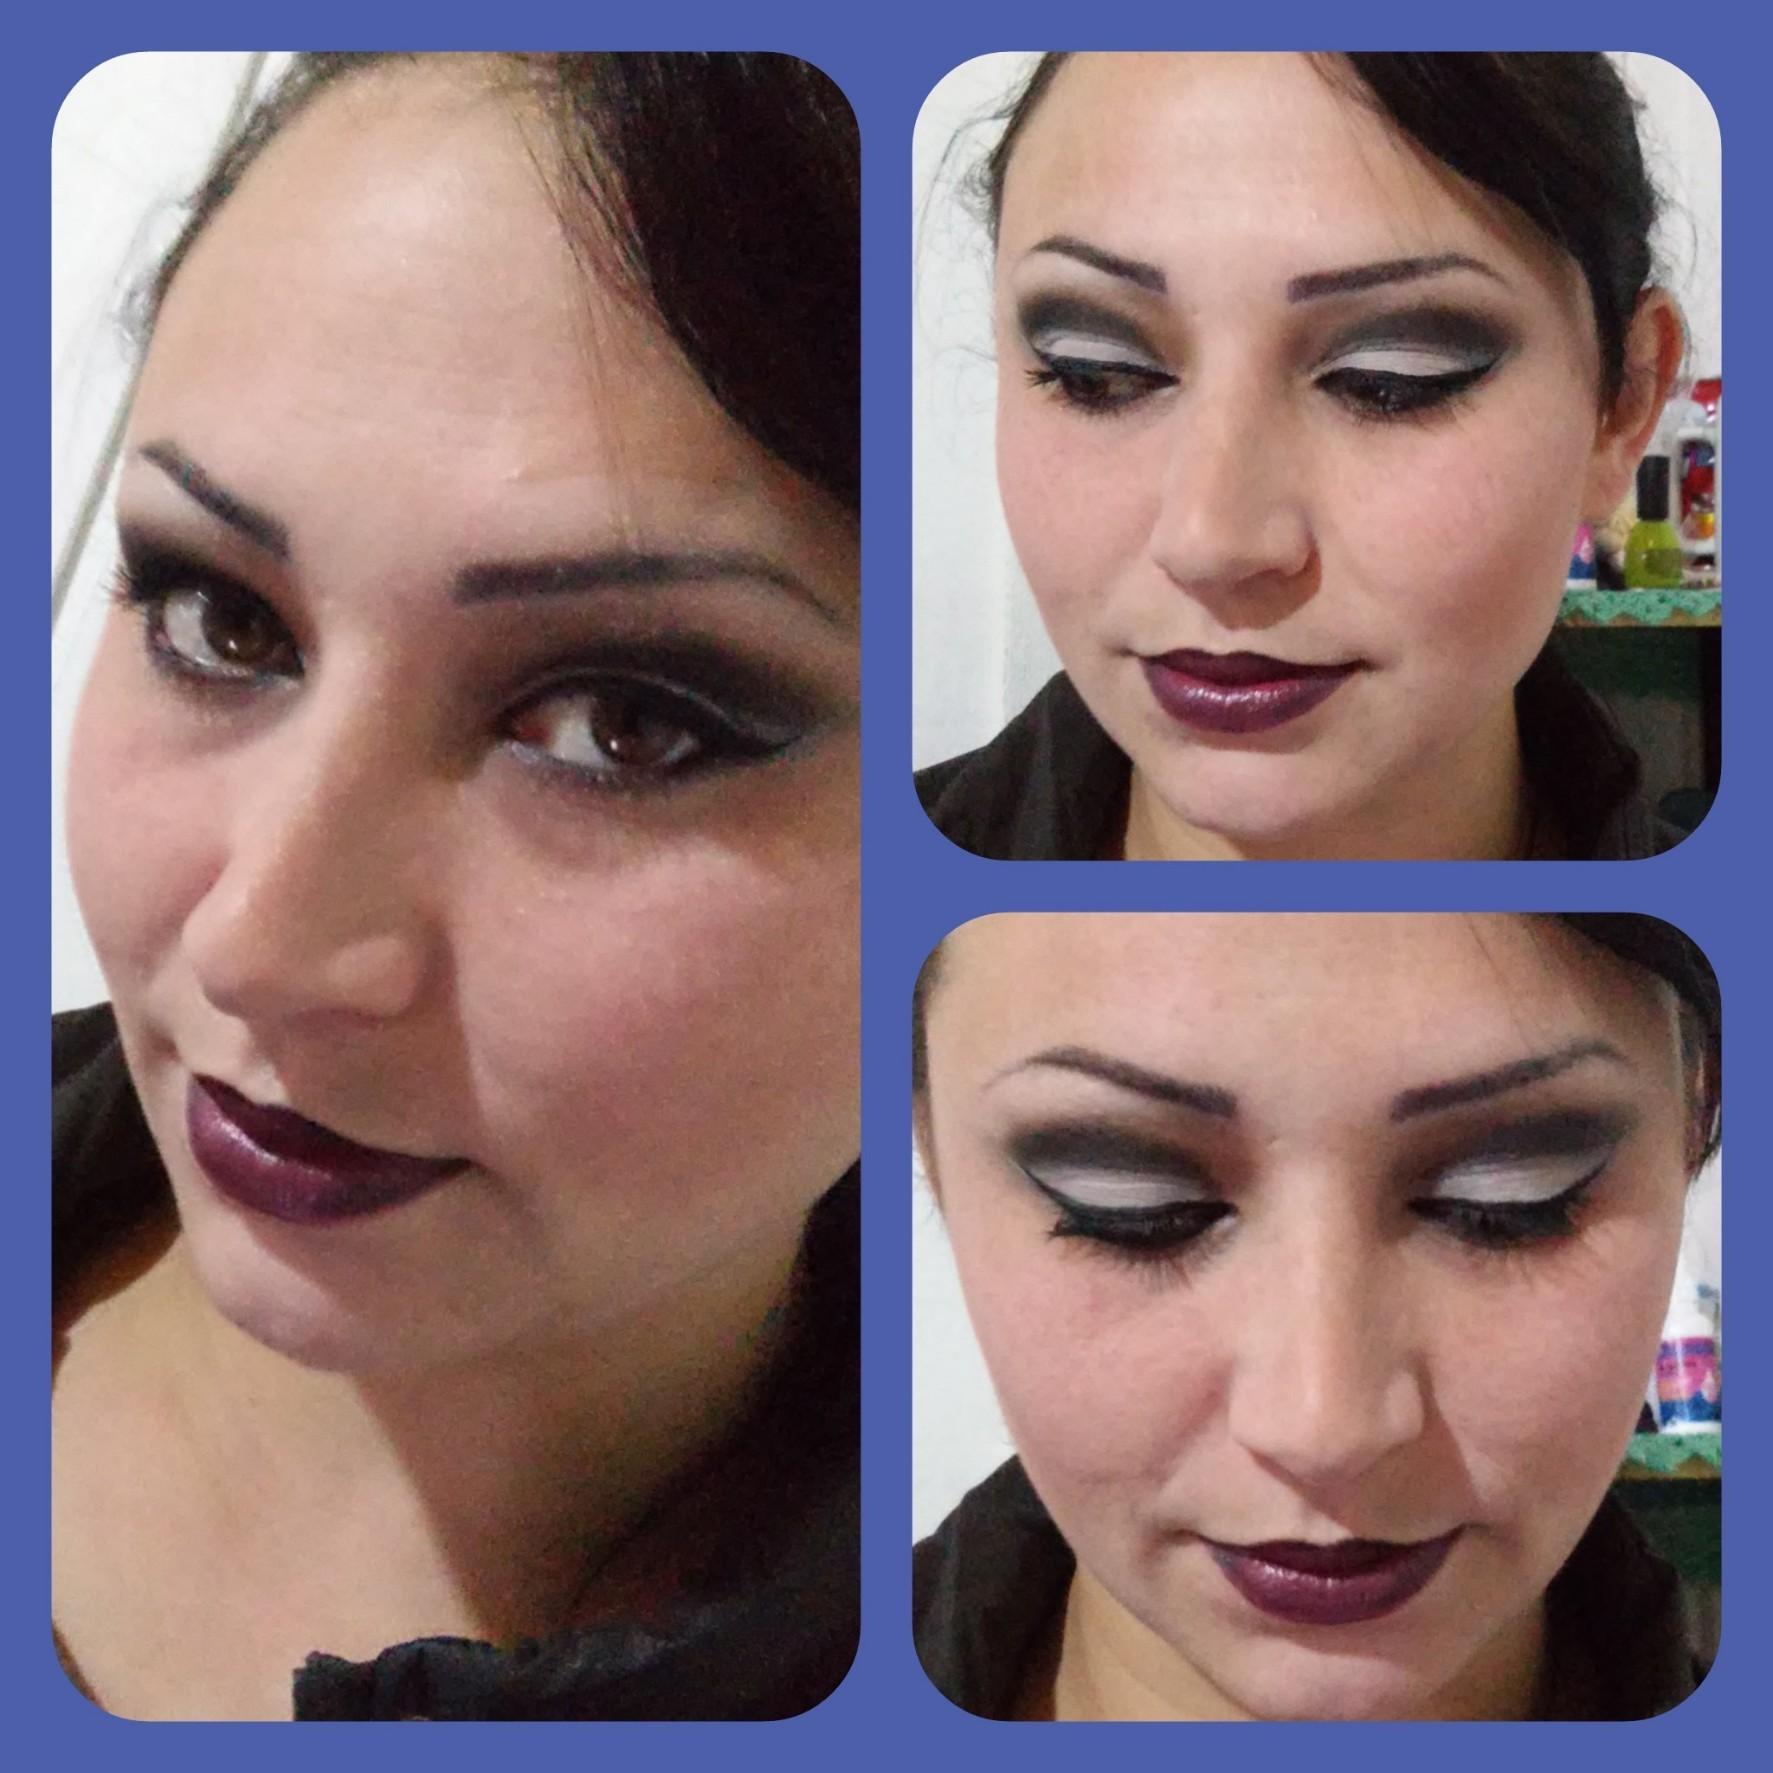 dermopigmentador(a) designer de sobrancelhas maquiador(a) auxiliar cabeleireiro(a) stylist / visagista